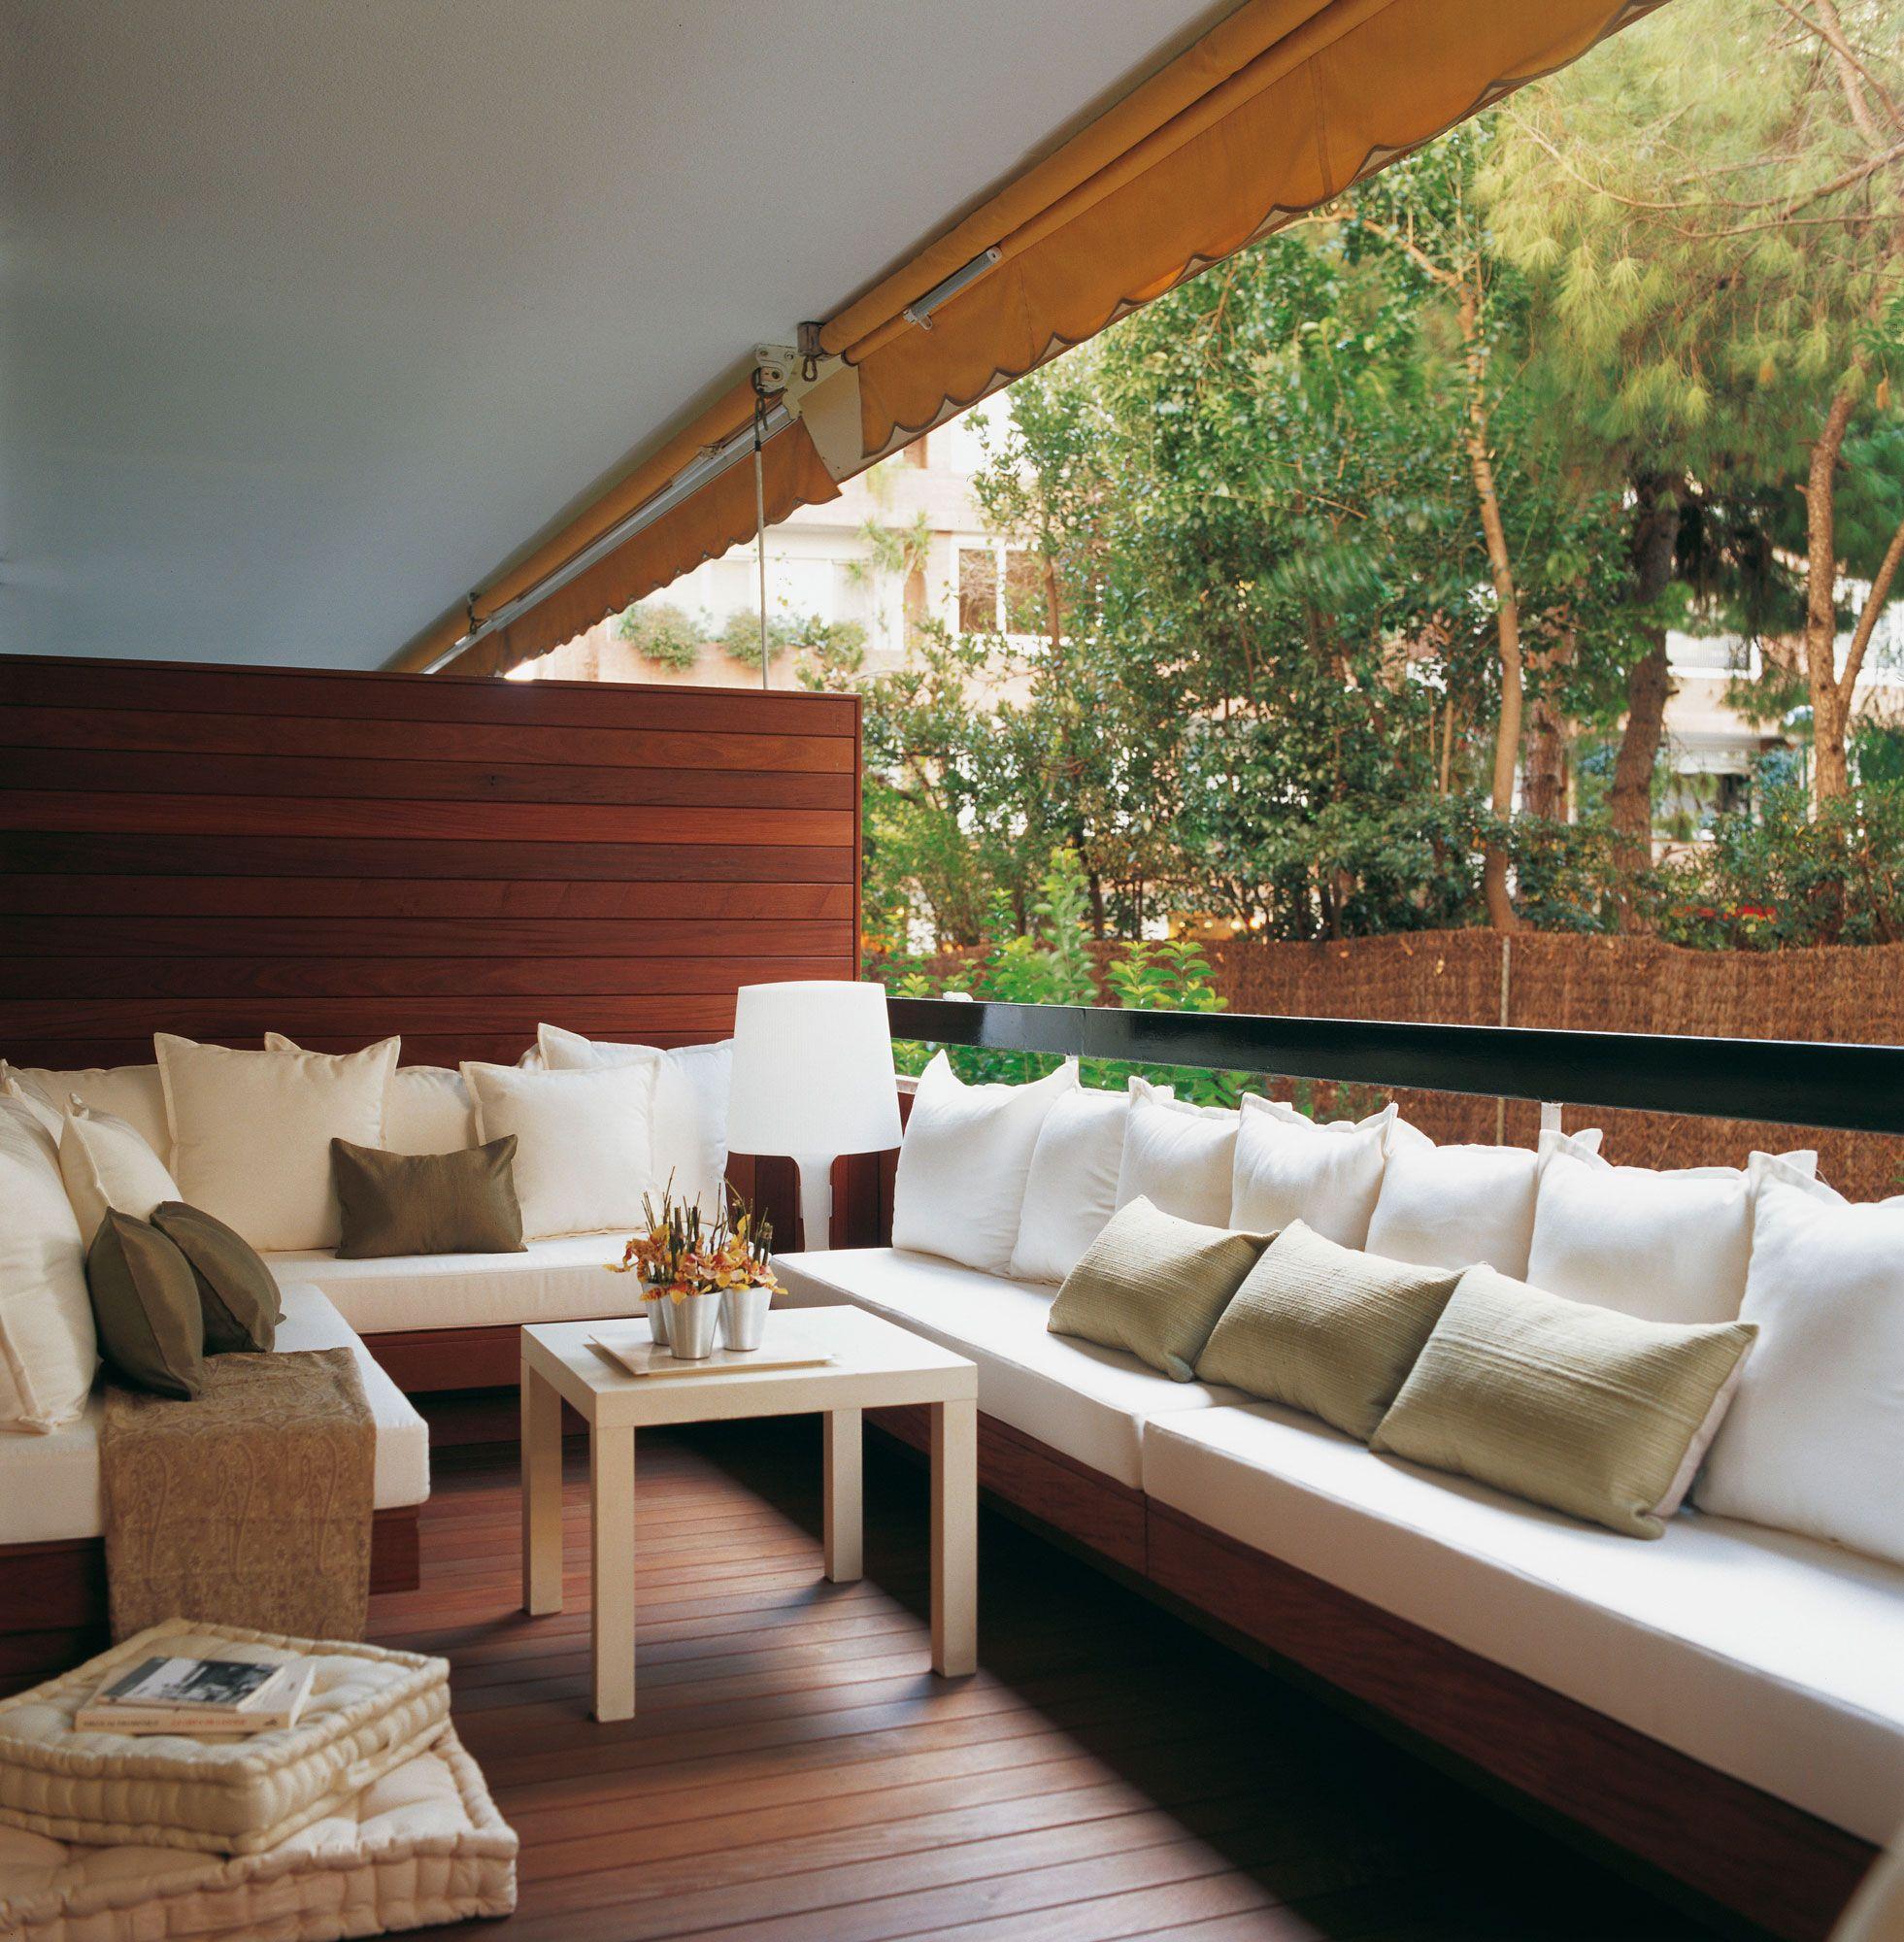 Terraza urbana con pavimento de madera y sof s blancos for Sofa terraza madera